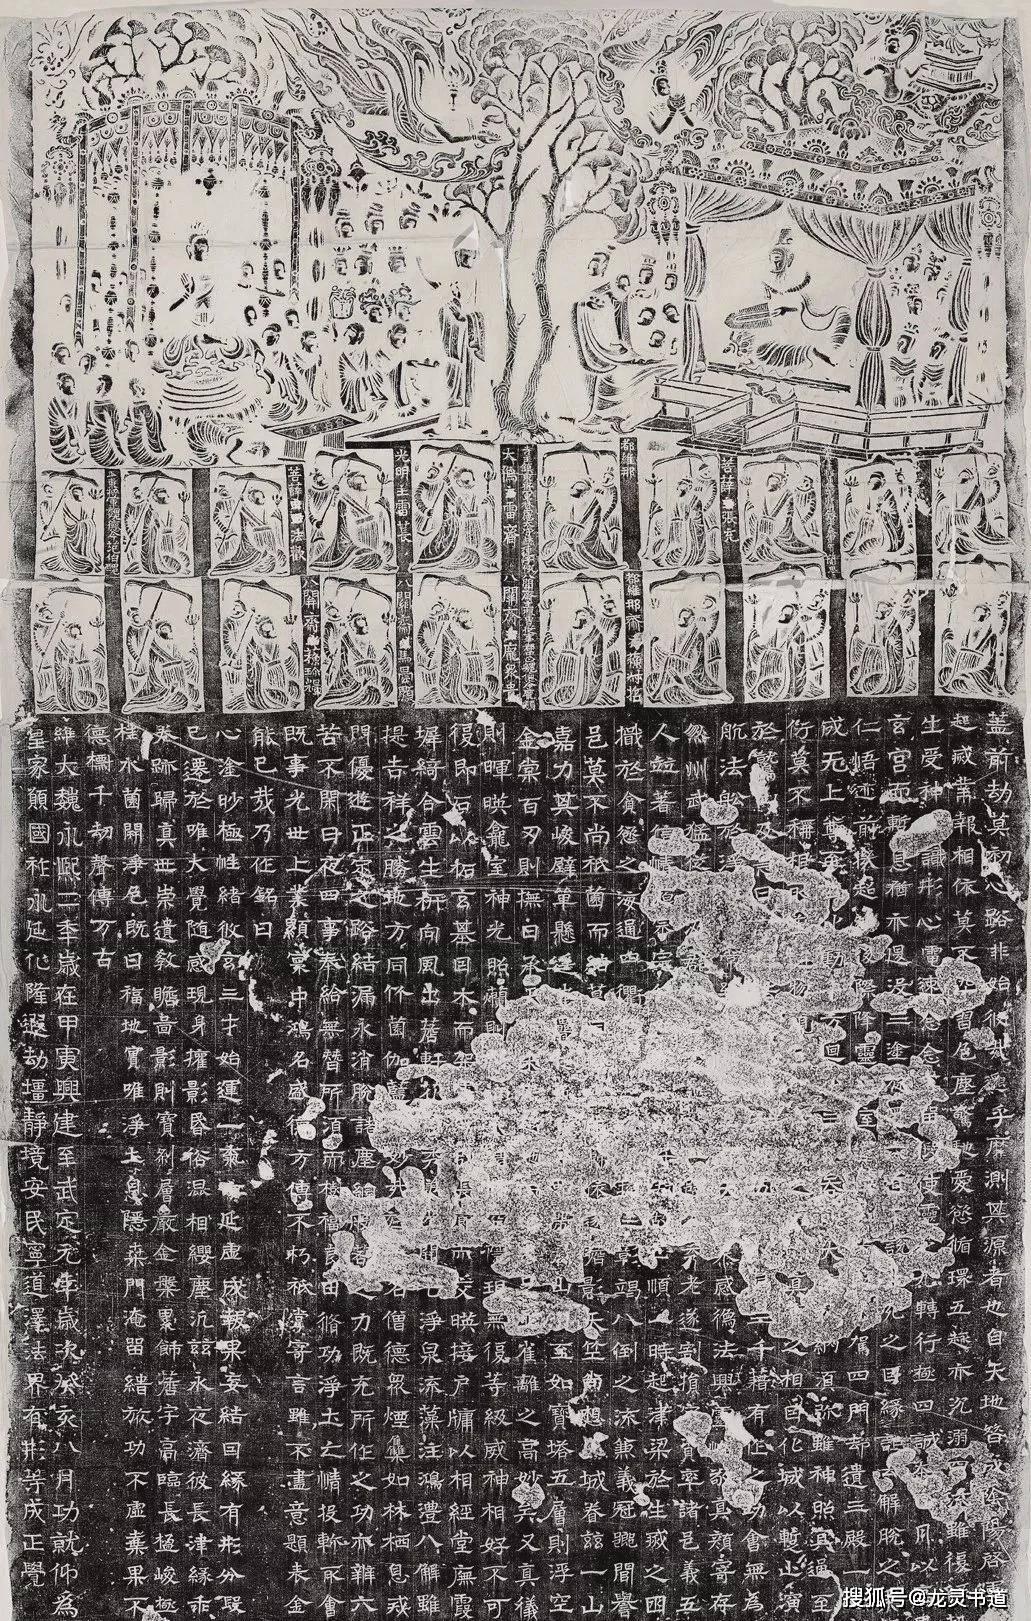 此造像碑,为北朝造像碑艺术之冠